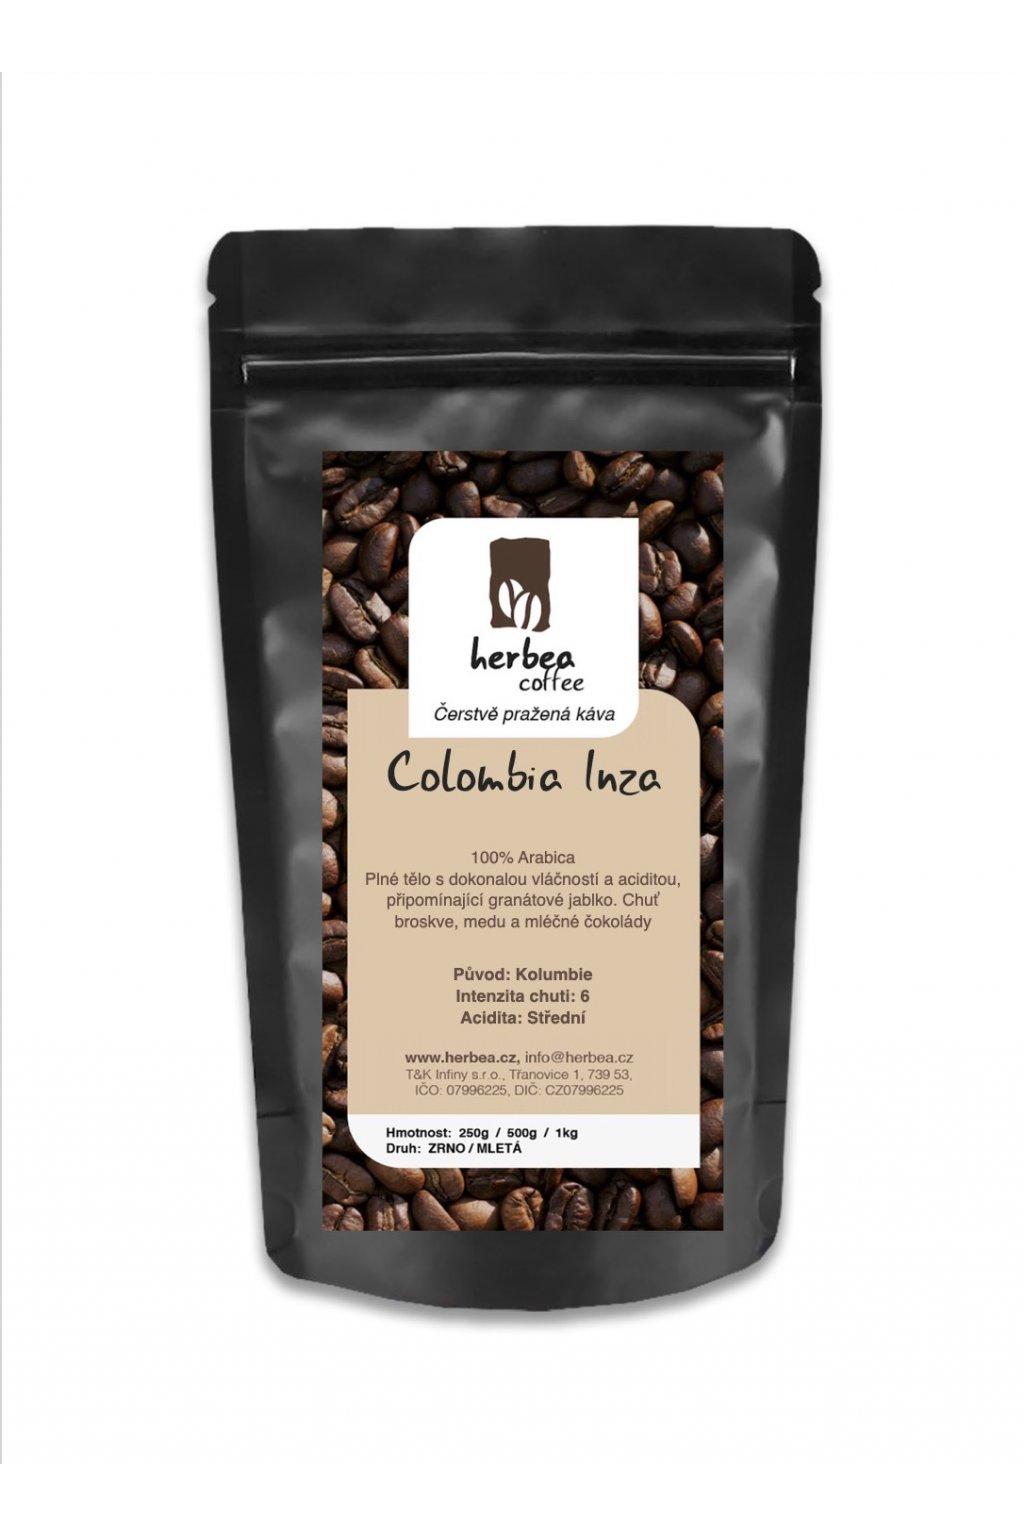 Nahled kava obal nový